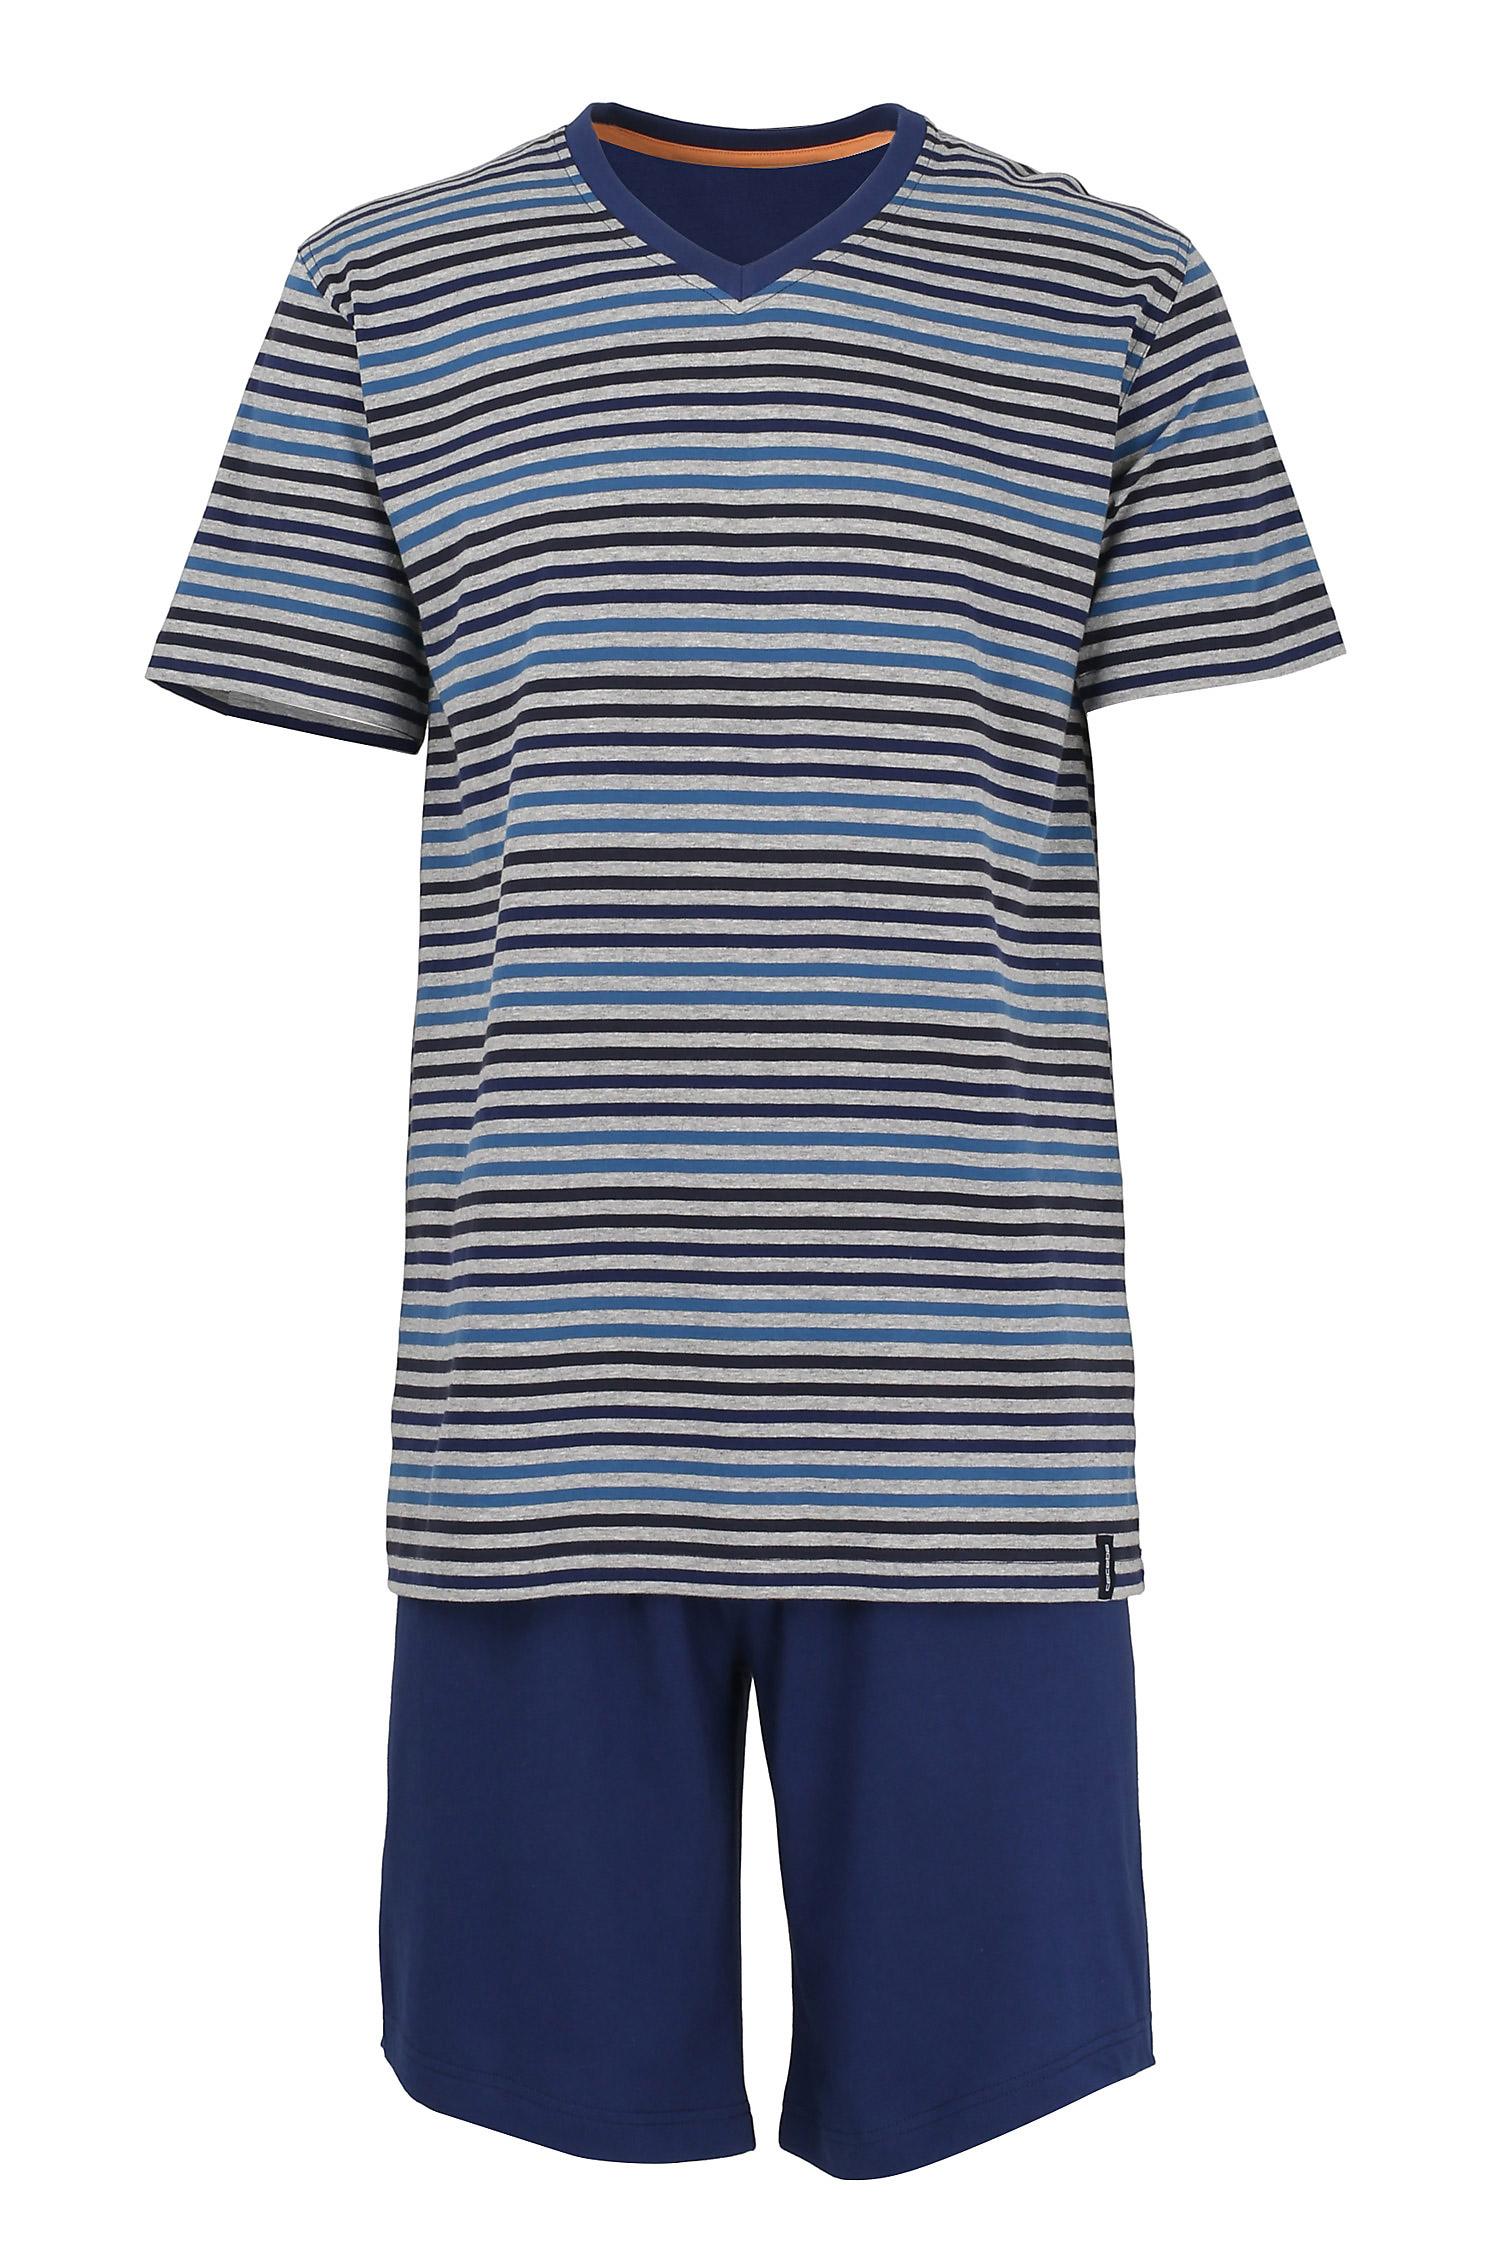 Homewear, Pijama M. Corta, 109052, NOCHE | Zoom